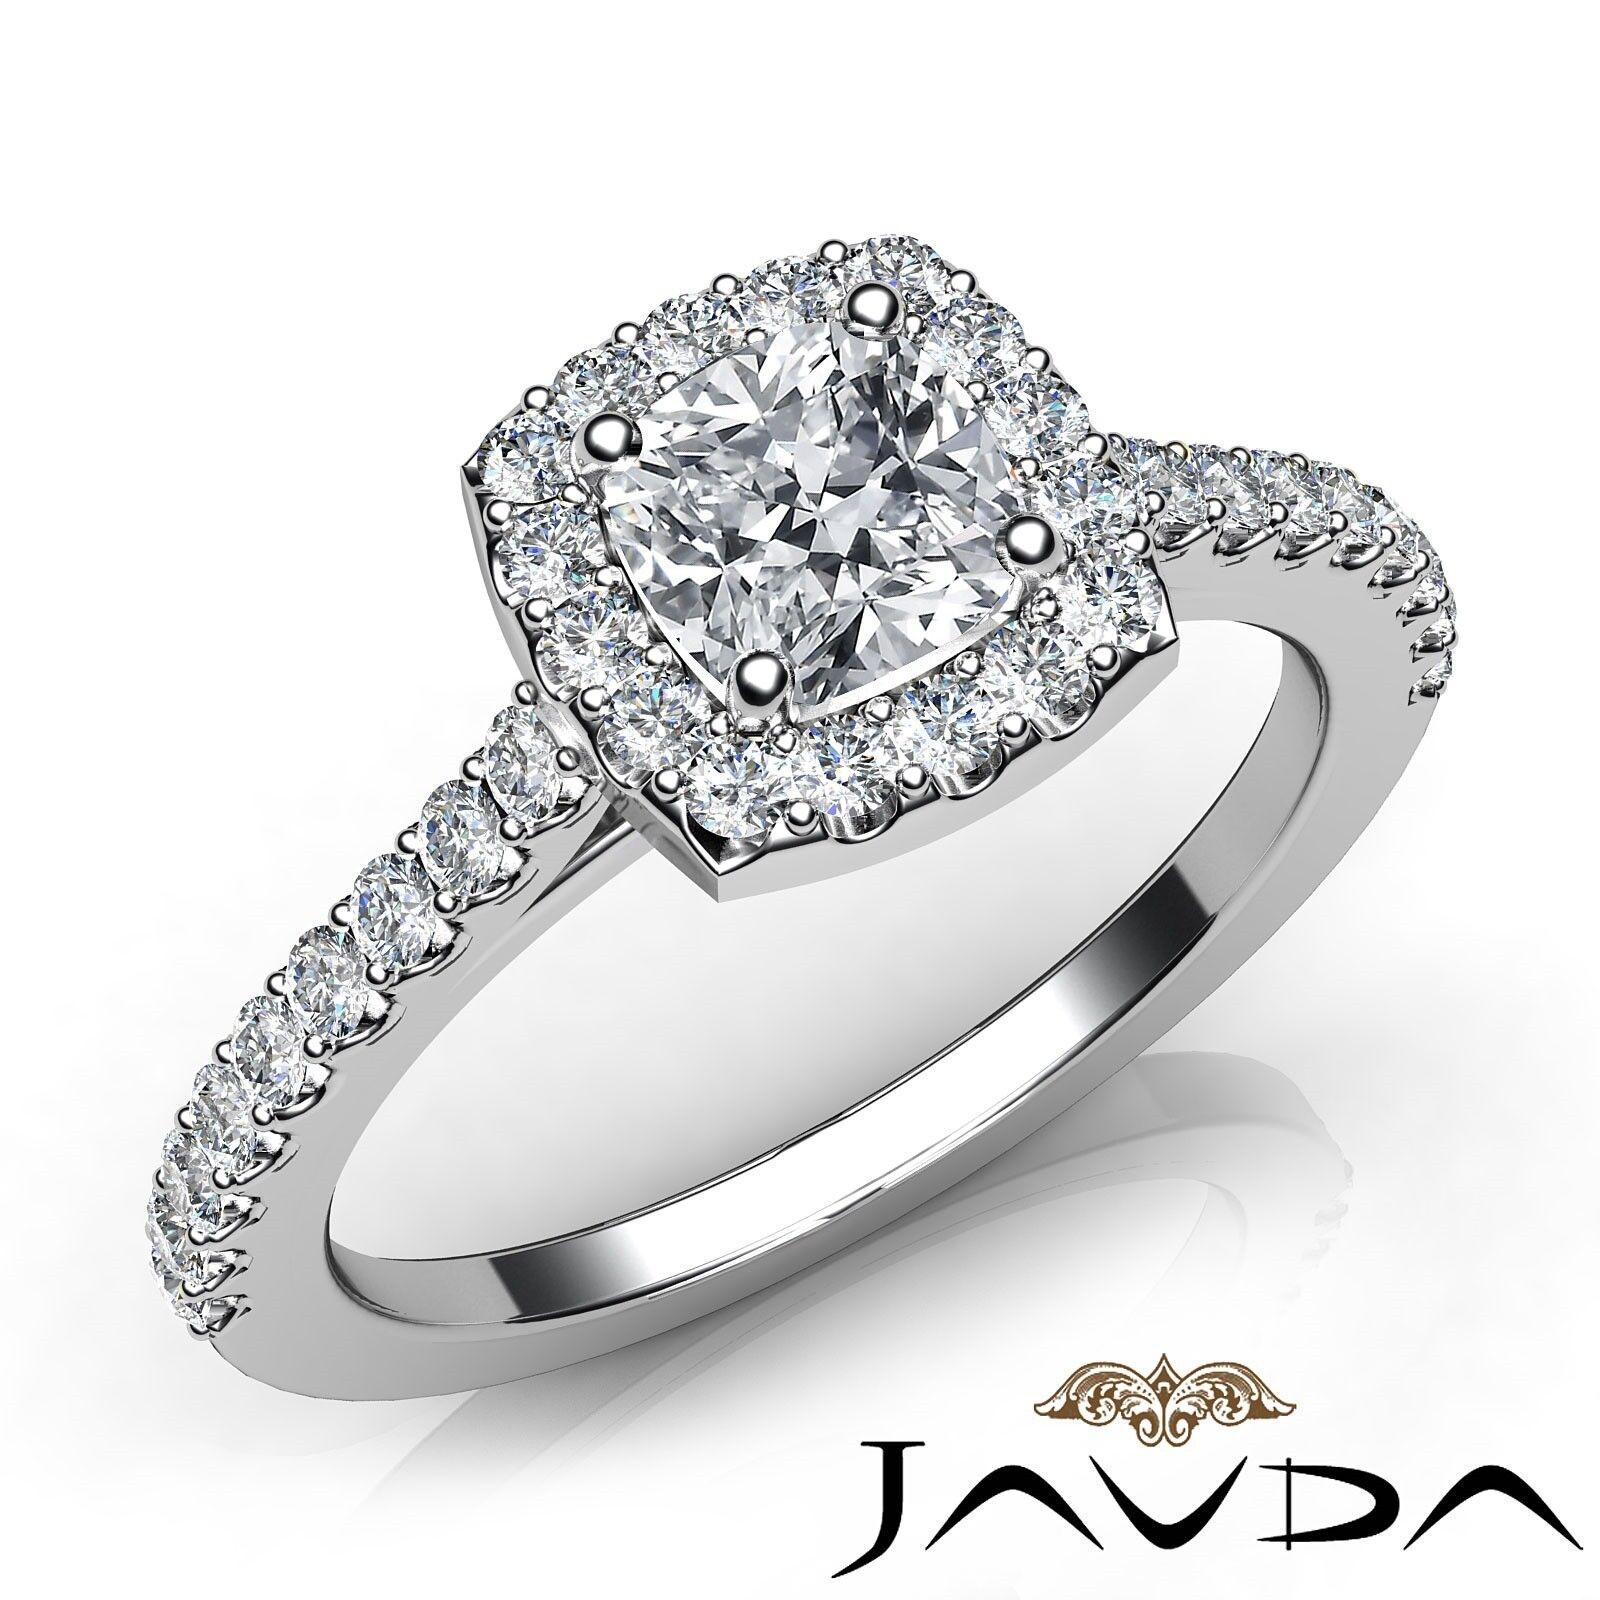 1.06ctw U Cut Pave Set Halo Cushion Diamond Engagement Ring GIA I-VS1 White Gold